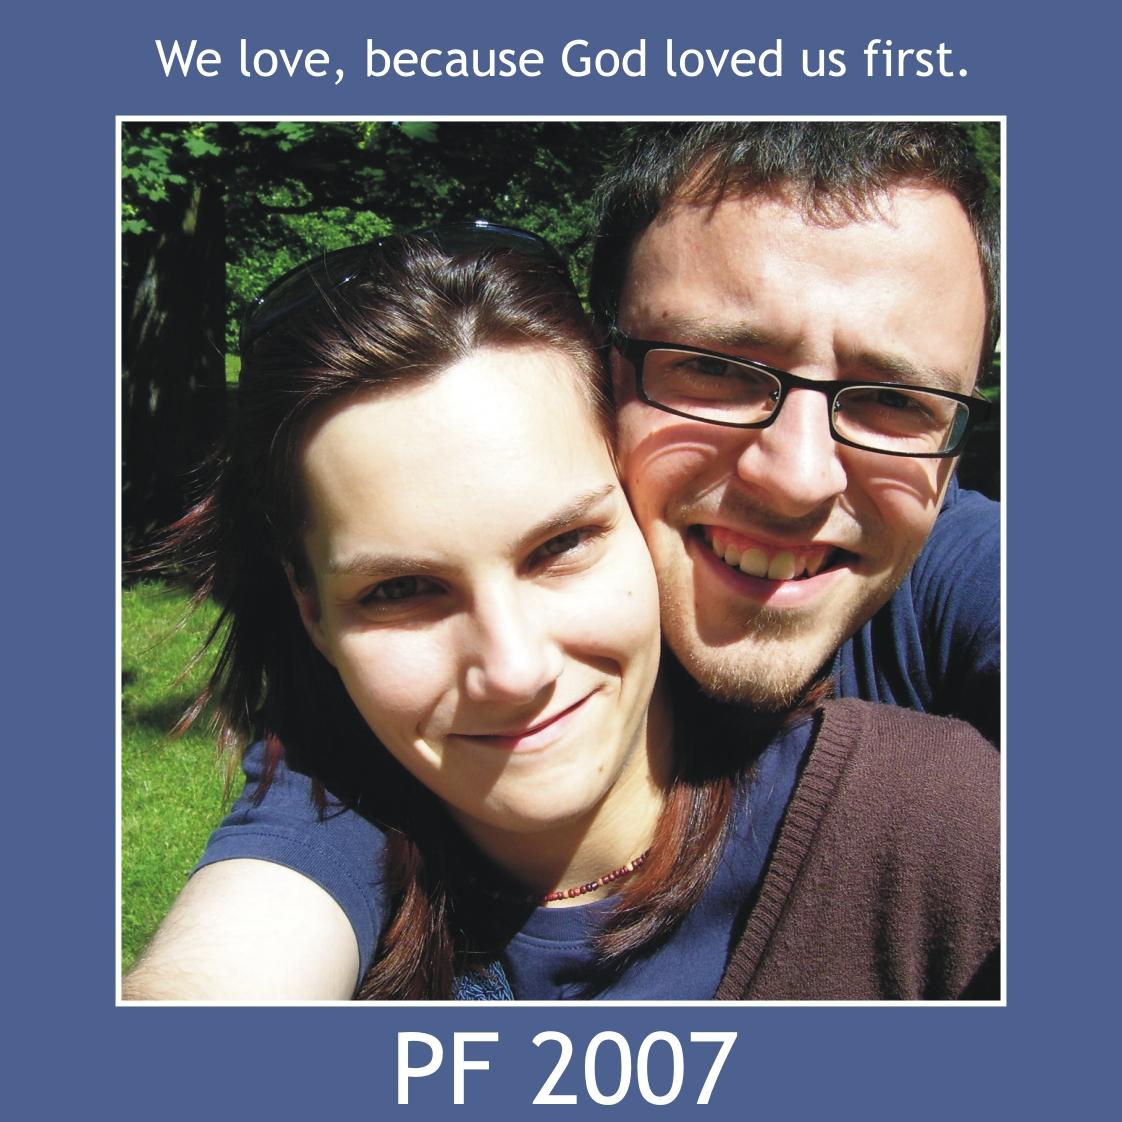 PF_2007.jpg